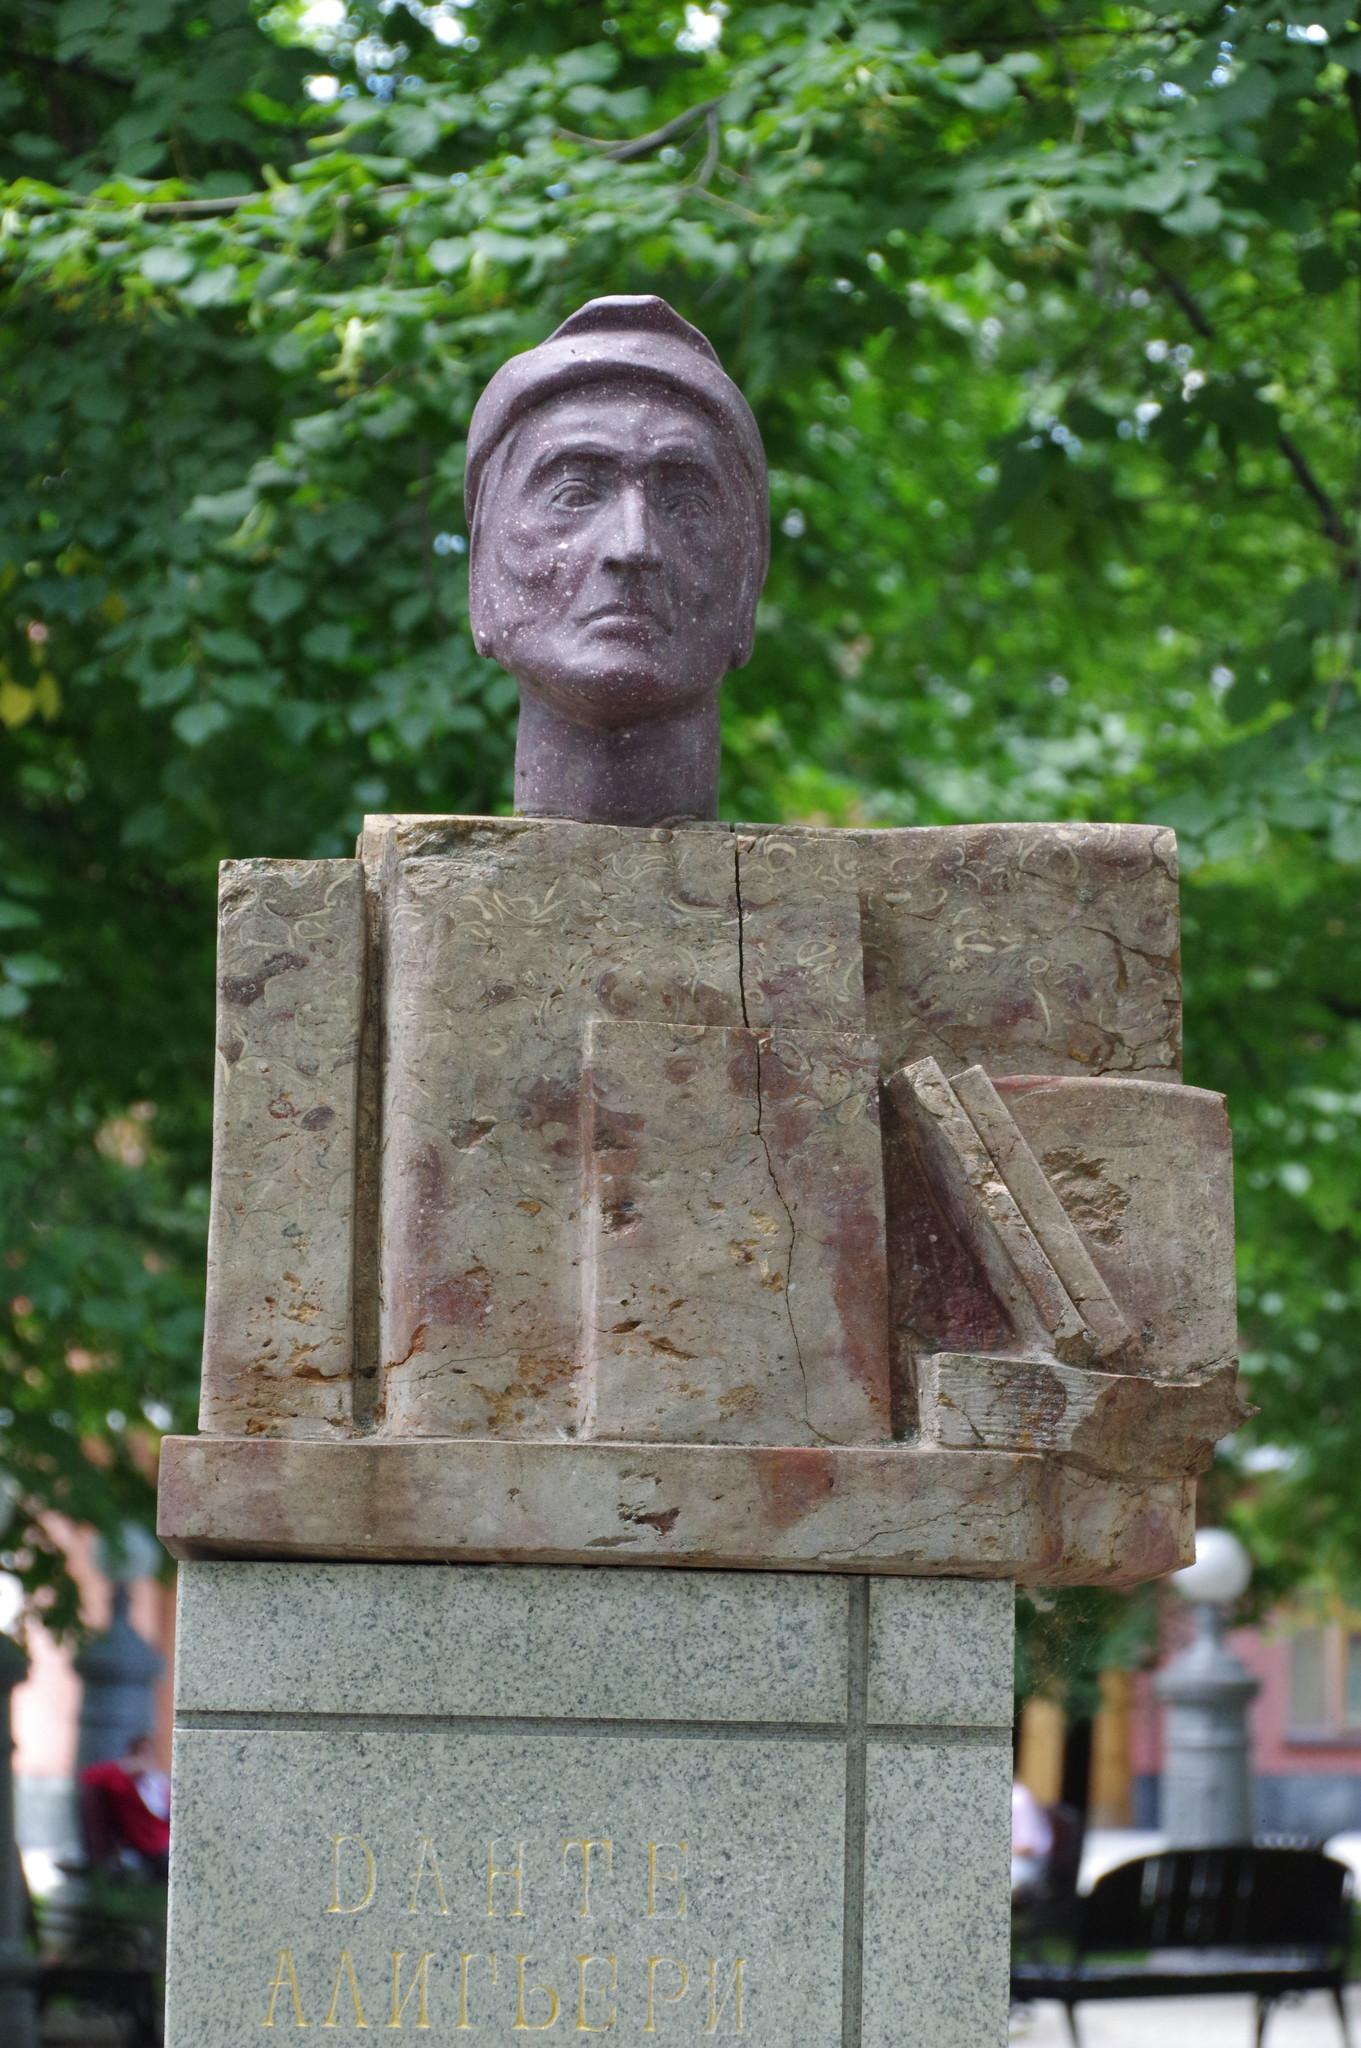 Памятник Данте Агильери в саду «Эрмитаж»